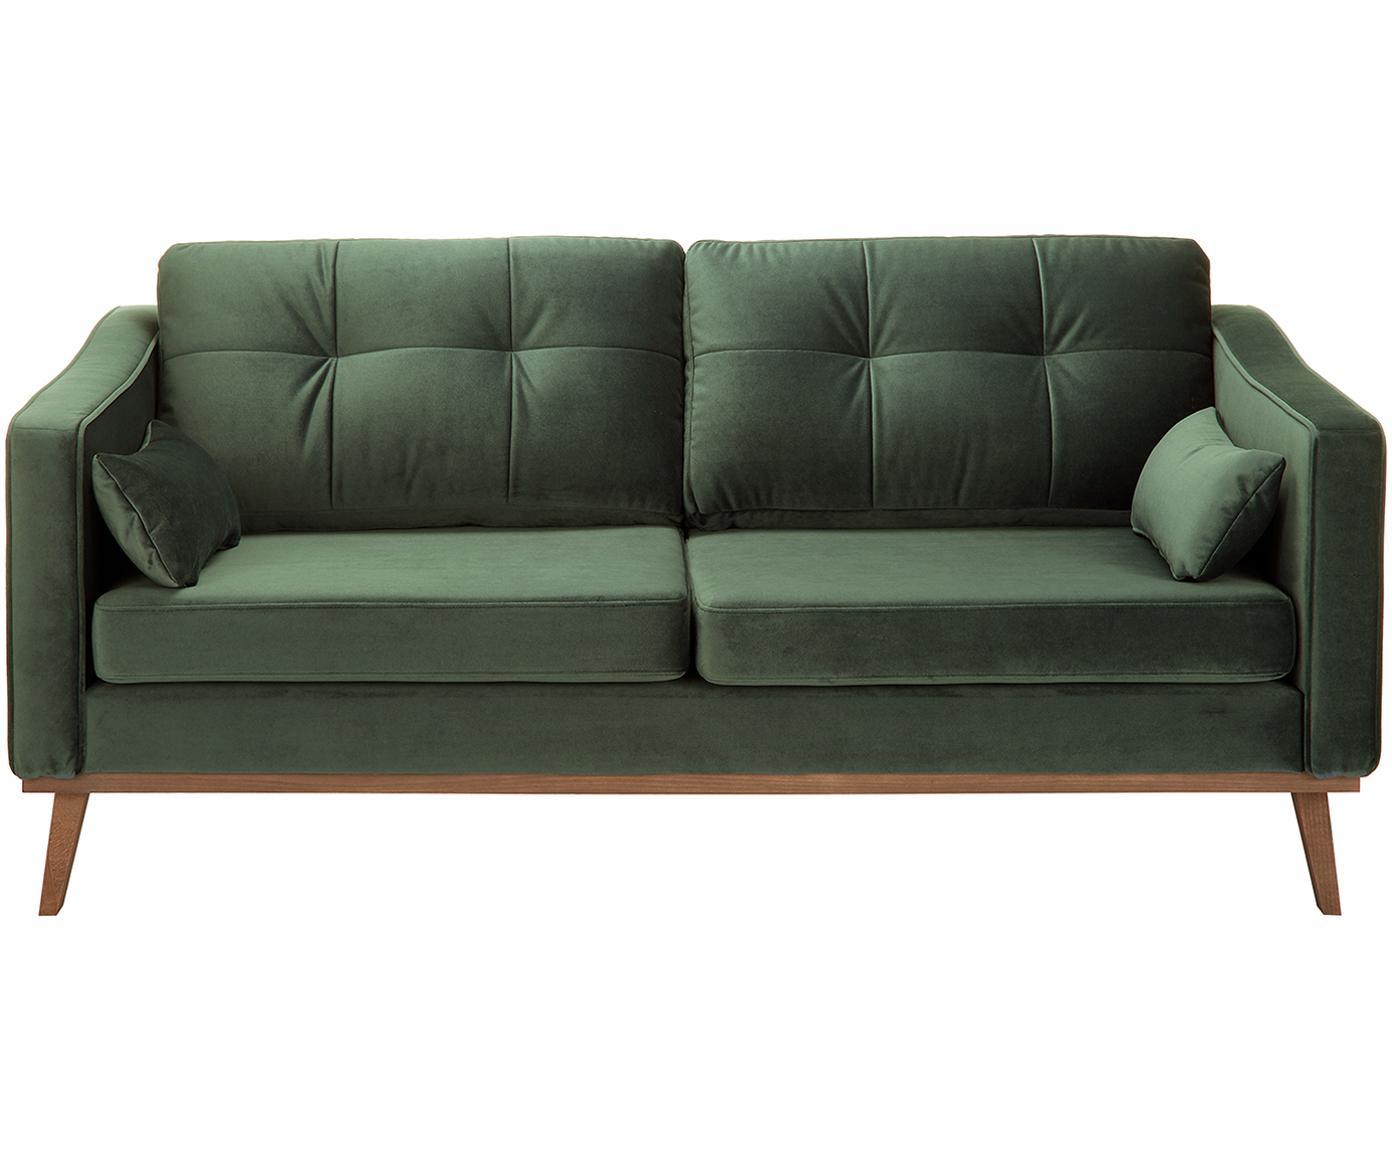 Sofa z aksamitu Alva (2-osobowa), Tapicerka: aksamit (wysokiej jakości, Stelaż: drewno sosnowe, Nogi: lite drewno bukowe, barwi, Oliwkowy, S 184 x G 92 cm